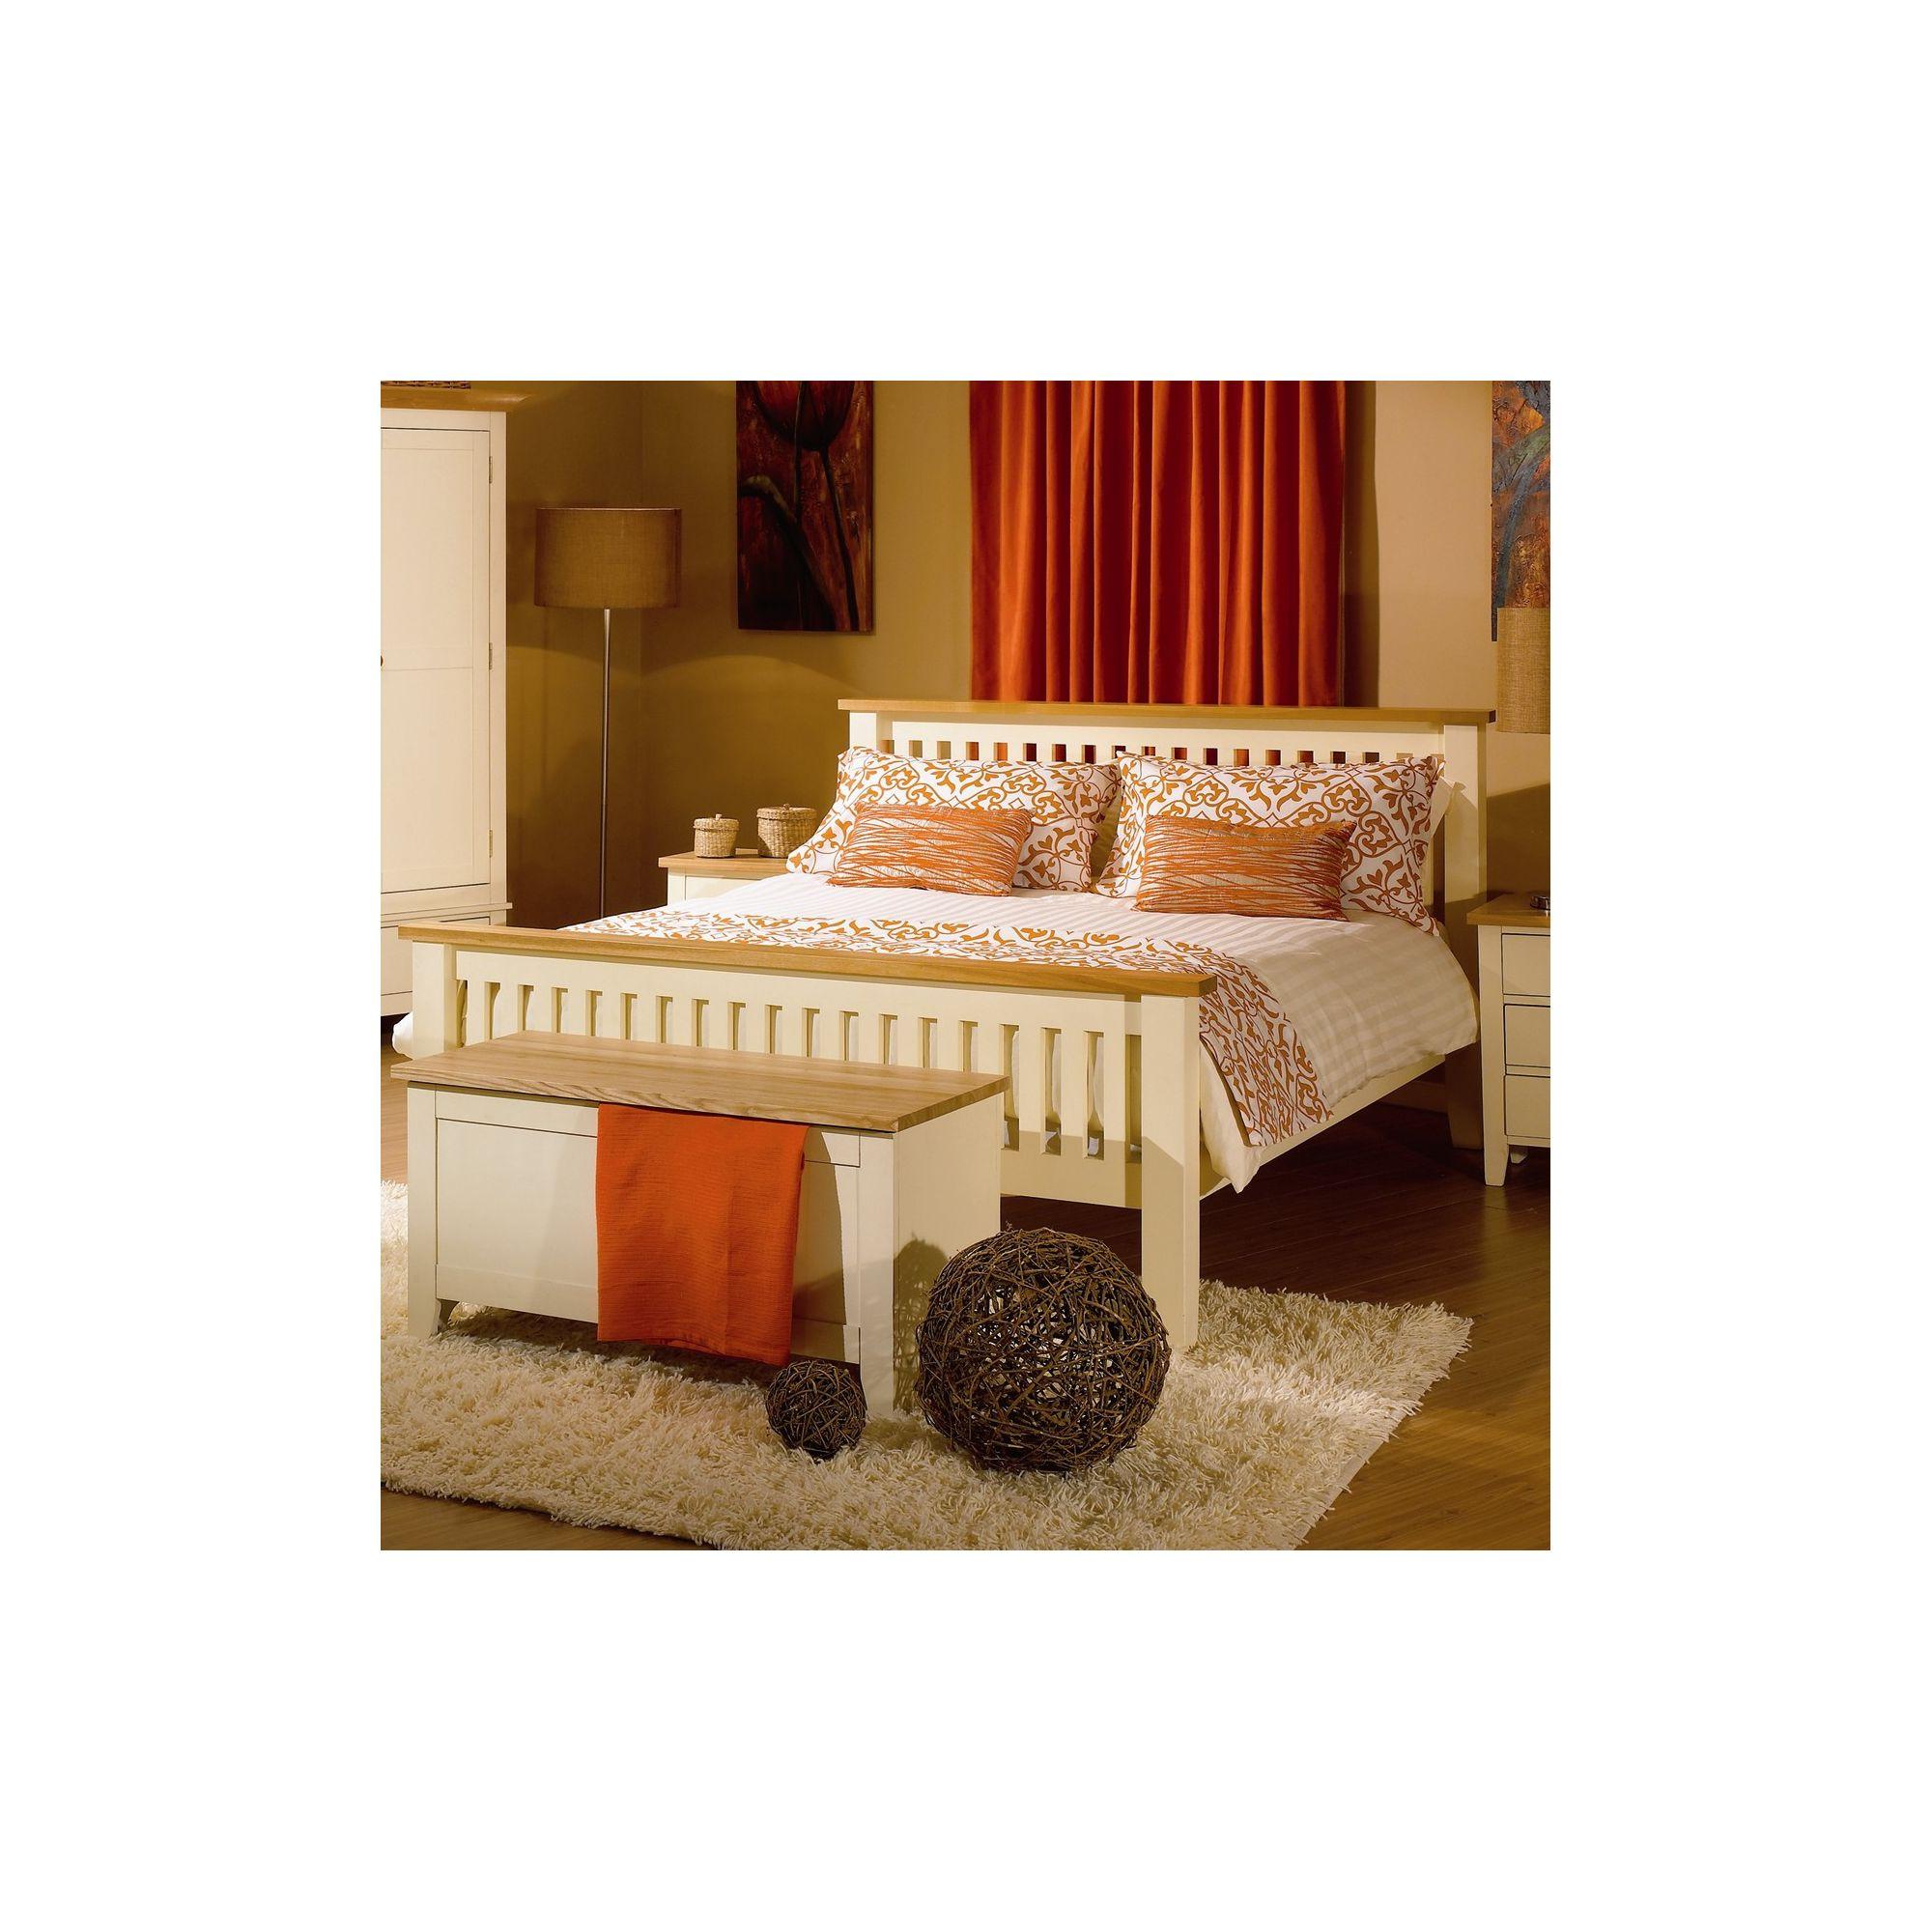 Kelburn Furniture Fanshawe Painted Bed Frame - King at Tesco Direct